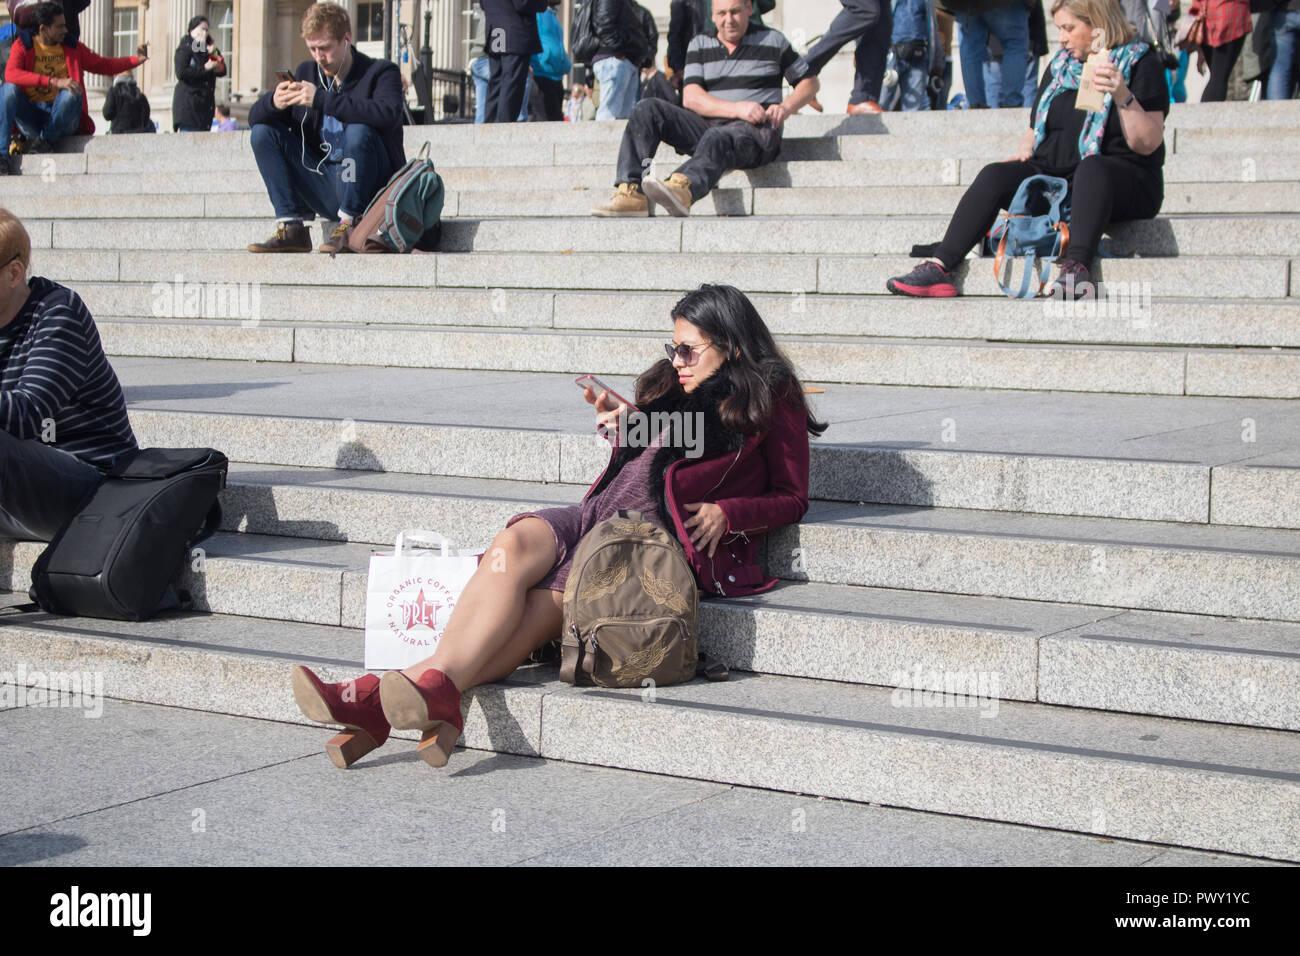 Londres, Reino Unido. El 18 de octubre de 2018. El clima del Reino Unido: una mujer a relajarse en el sol de otoño y caluroso en Trafalgar Square Crédito: amer ghazzal/Alamy Live News Foto de stock